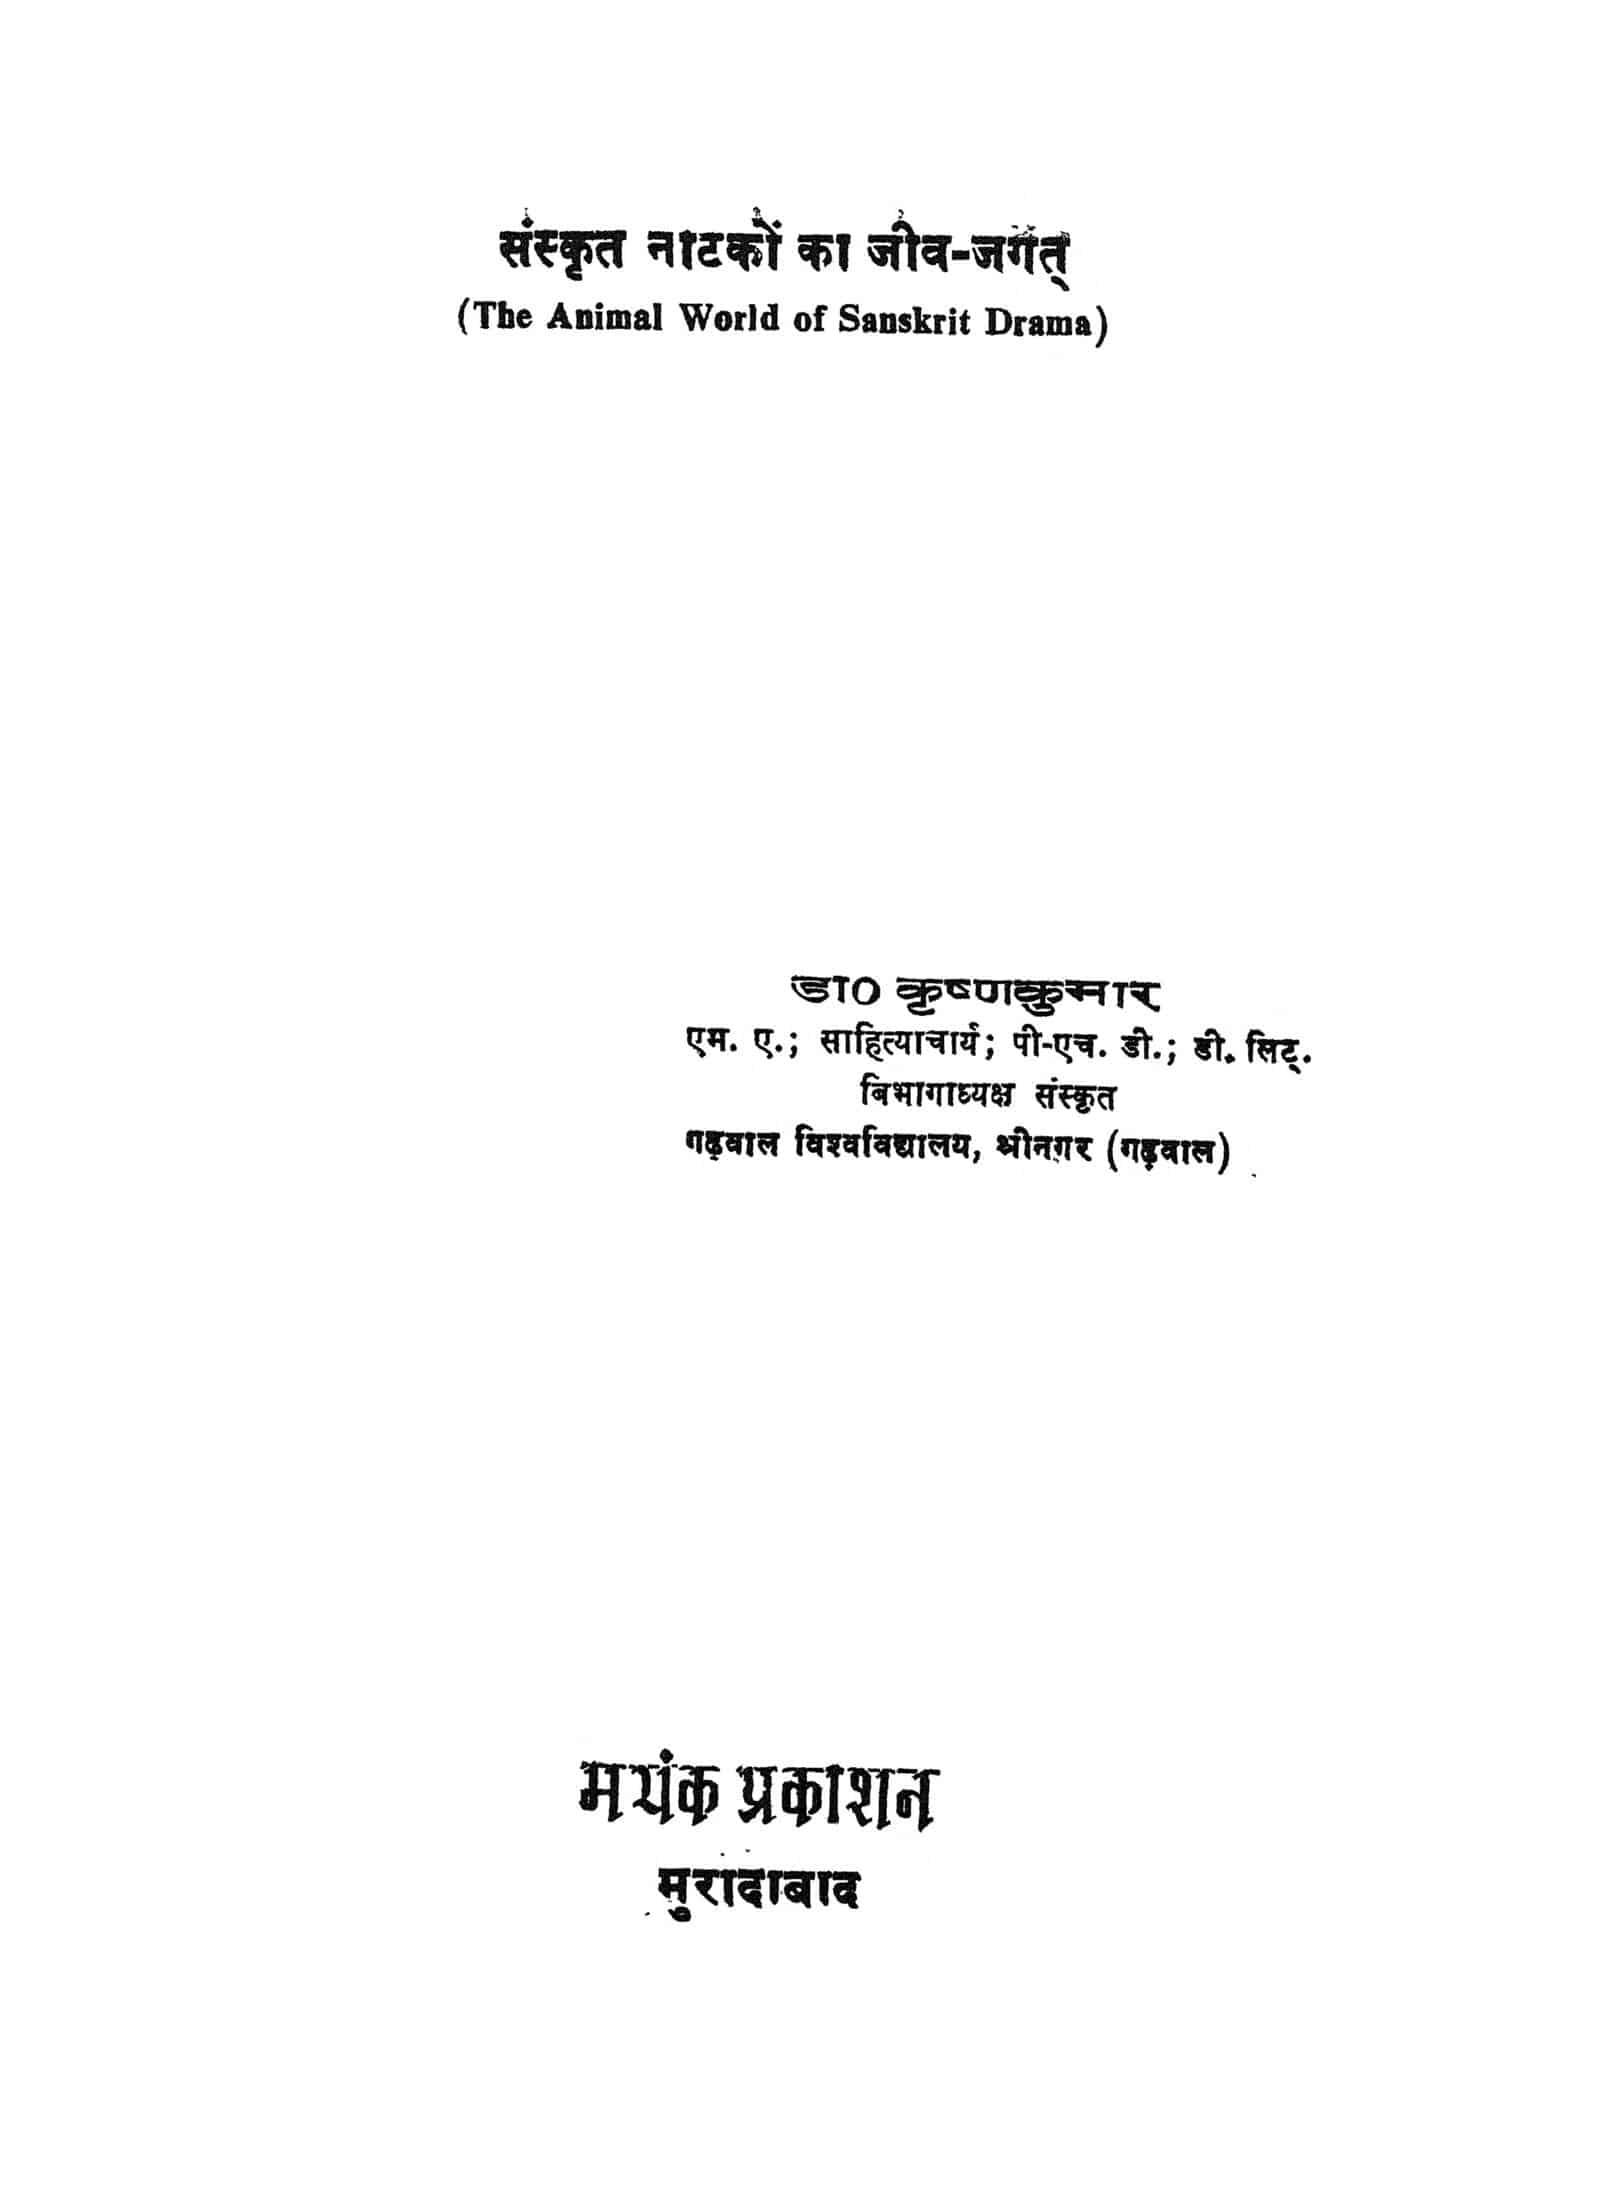 Book Image : संस्कृत नाटको का जीव जगत - Sanskrit Natako Ka Jeev Jagat